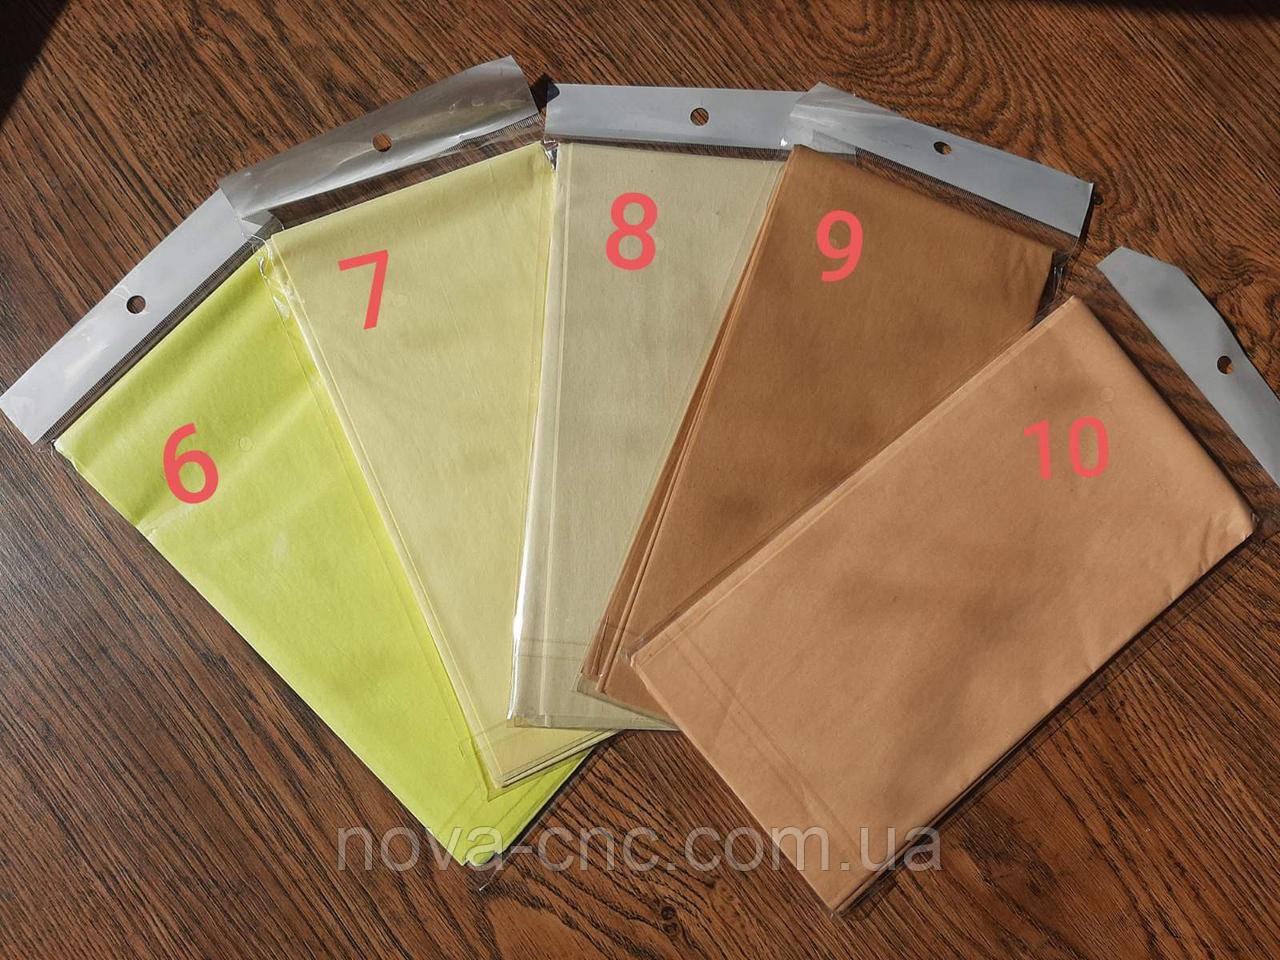 Бумага тишъю (папиросная) 50х50 см упаковка 10 листов